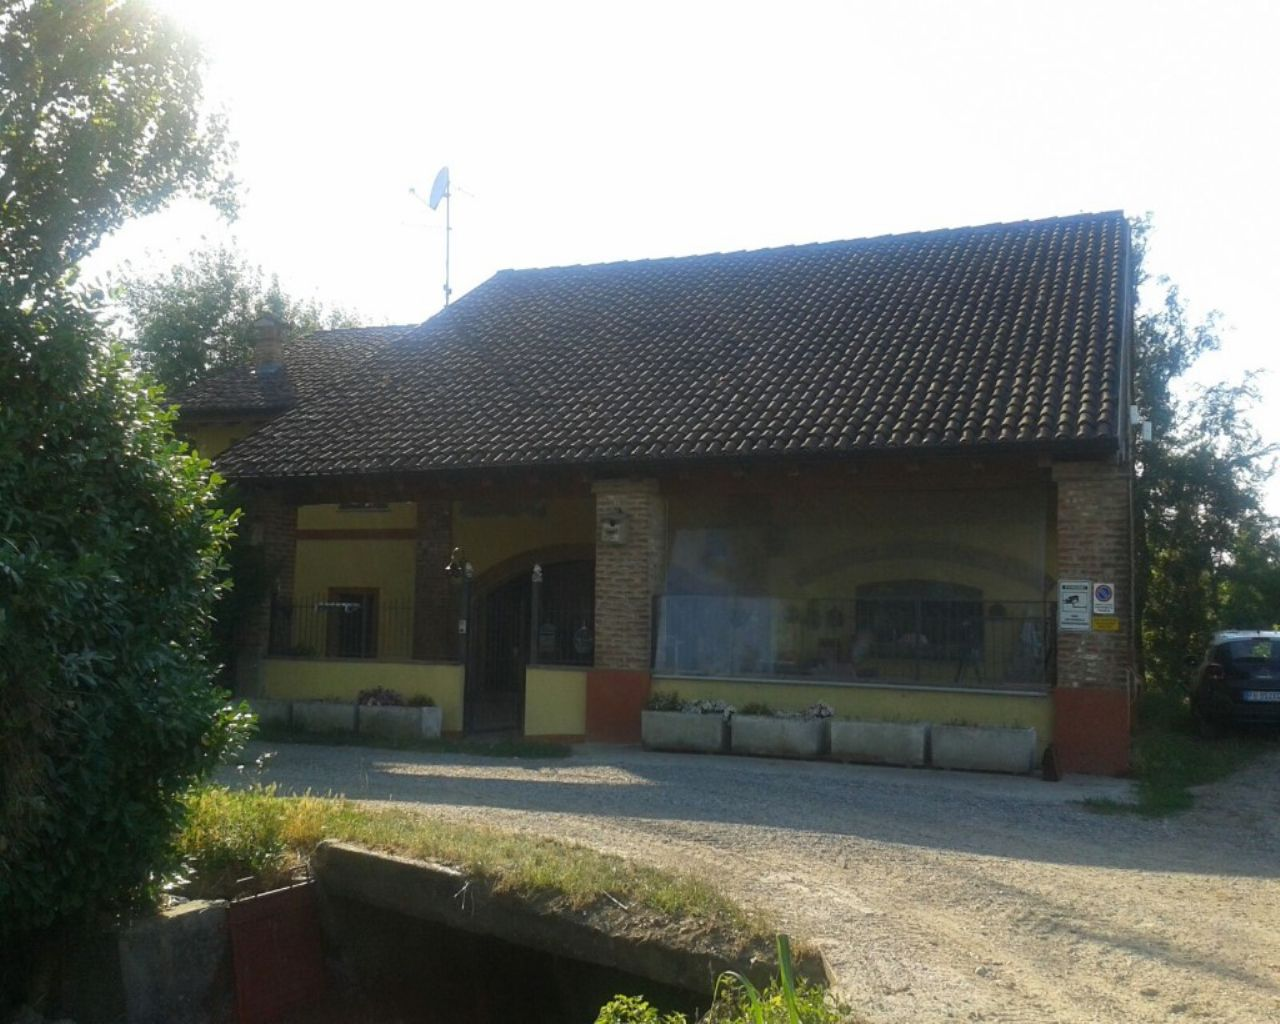 Soluzione Indipendente in vendita a Castiglione d'Adda, 5 locali, prezzo € 460.000 | CambioCasa.it